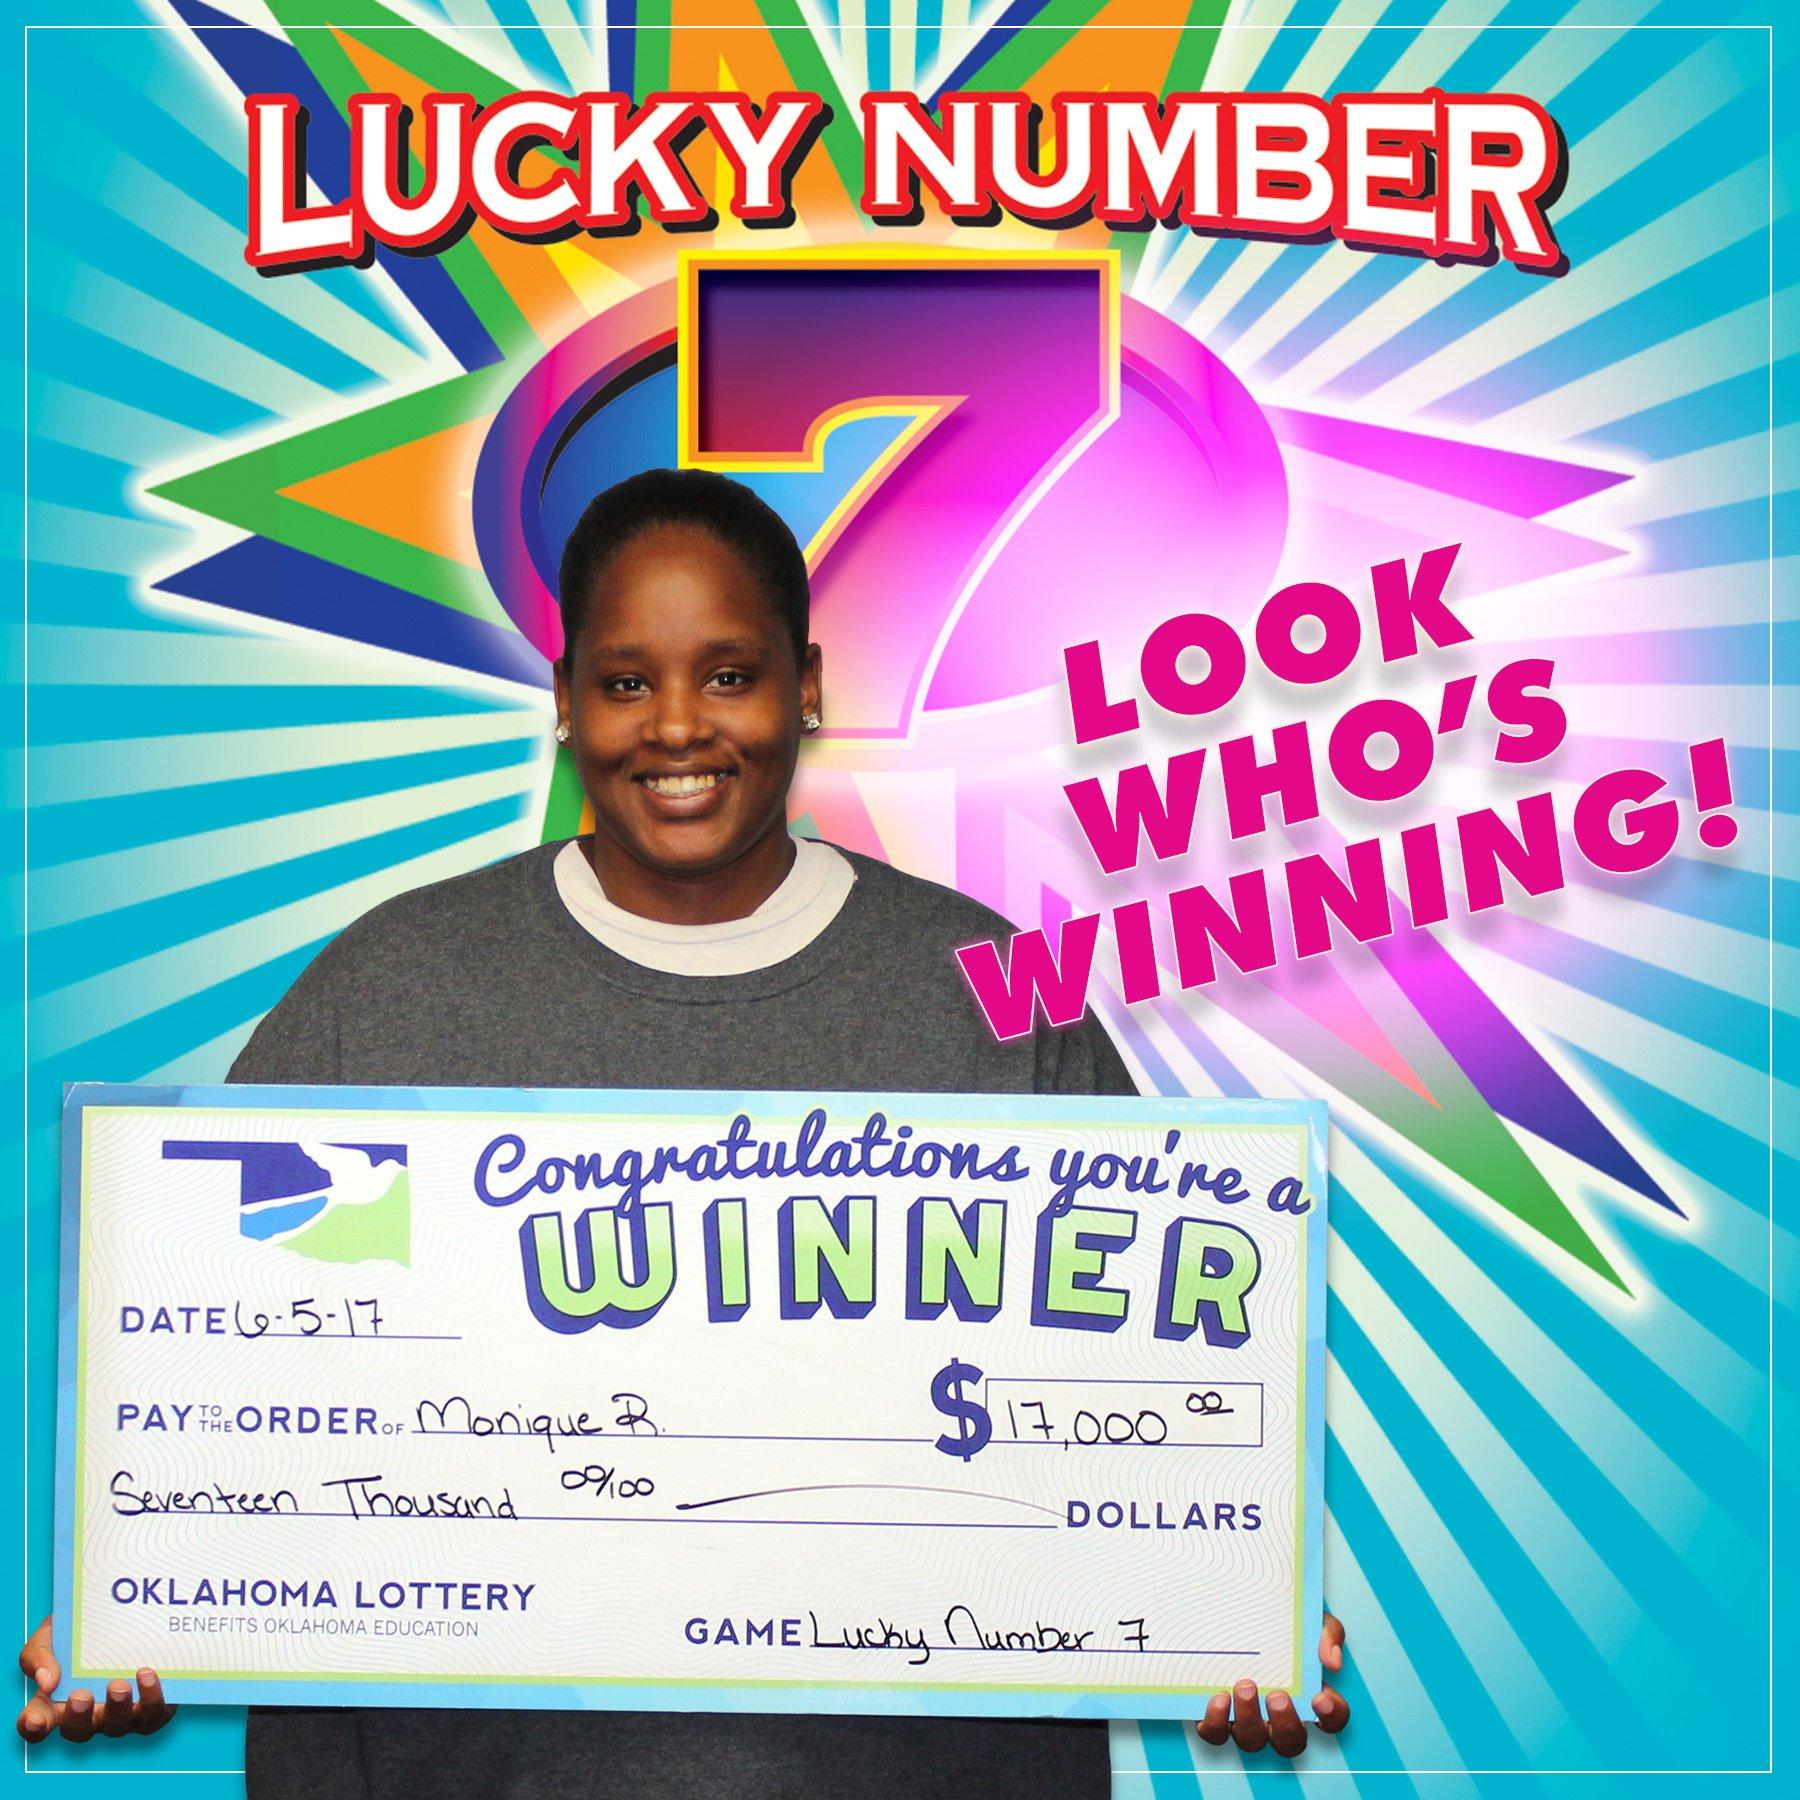 Oklahoma Lottery on Twitter: